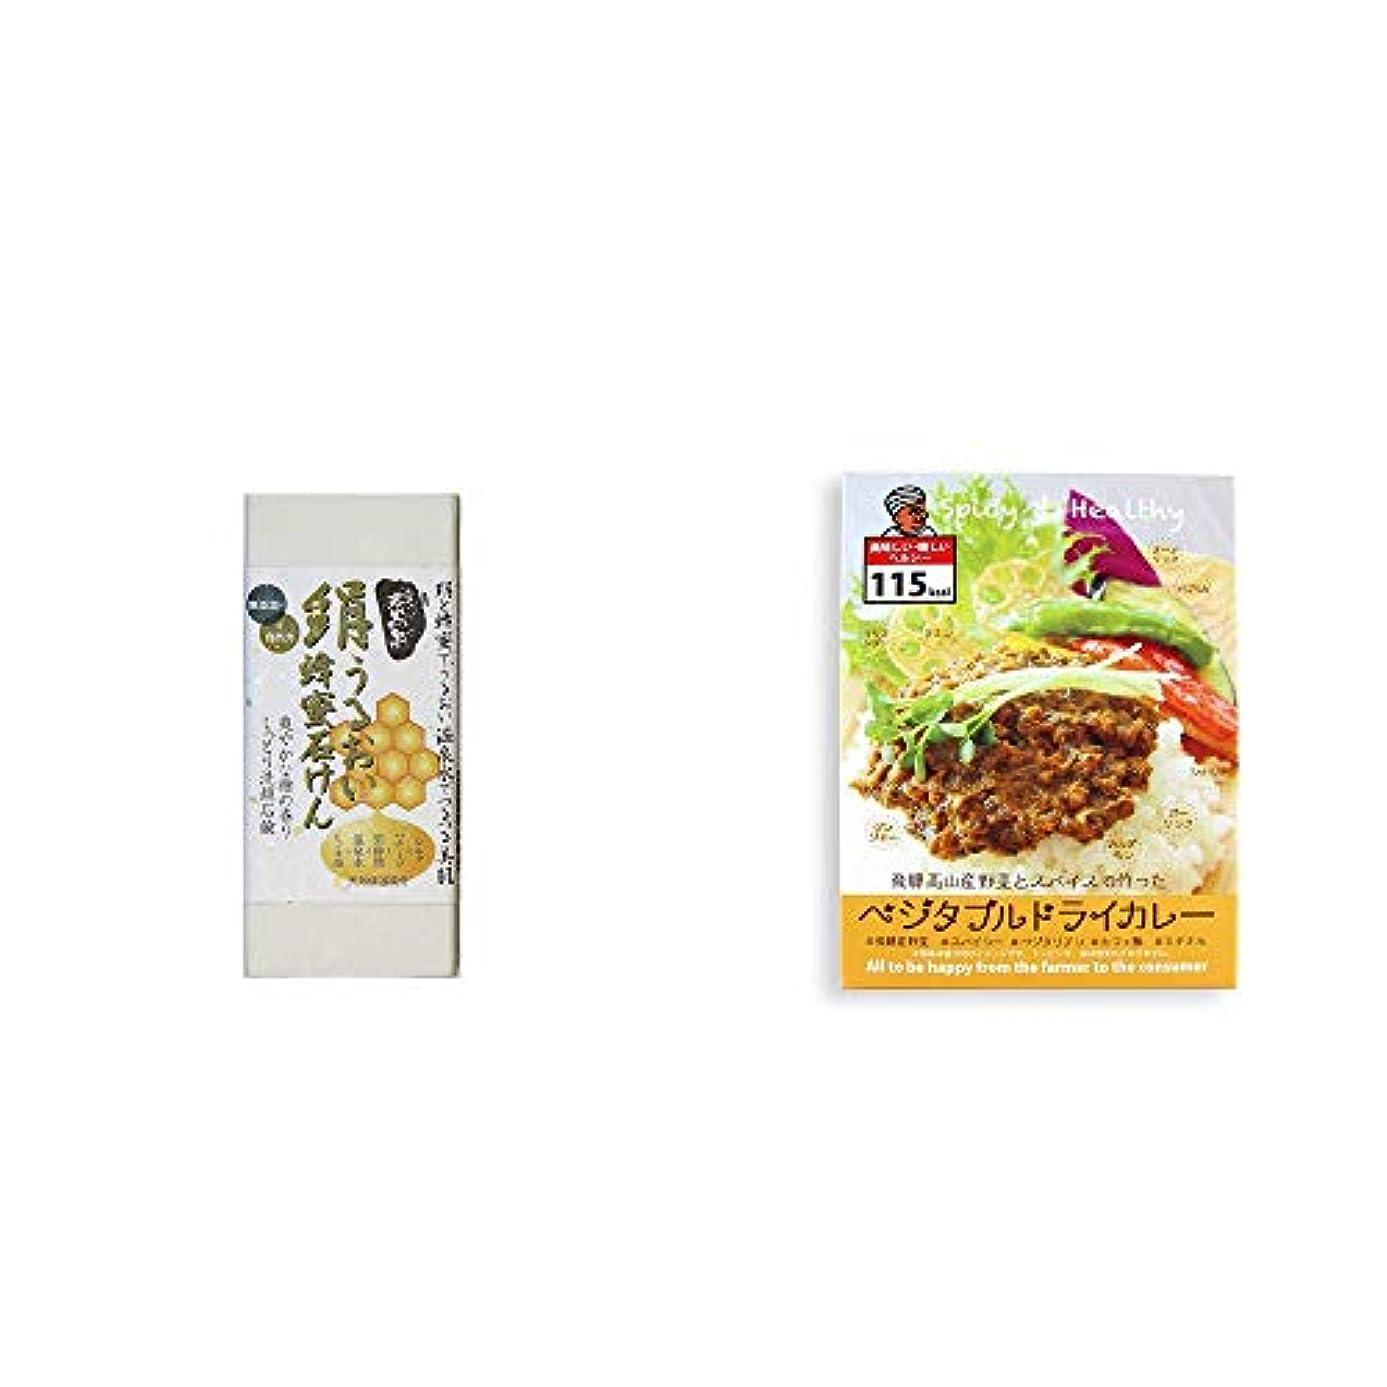 スキームマンモス薄いです[2点セット] ひのき炭黒泉 絹うるおい蜂蜜石けん(75g×2)?飛騨産野菜とスパイスで作ったベジタブルドライカレー(100g)